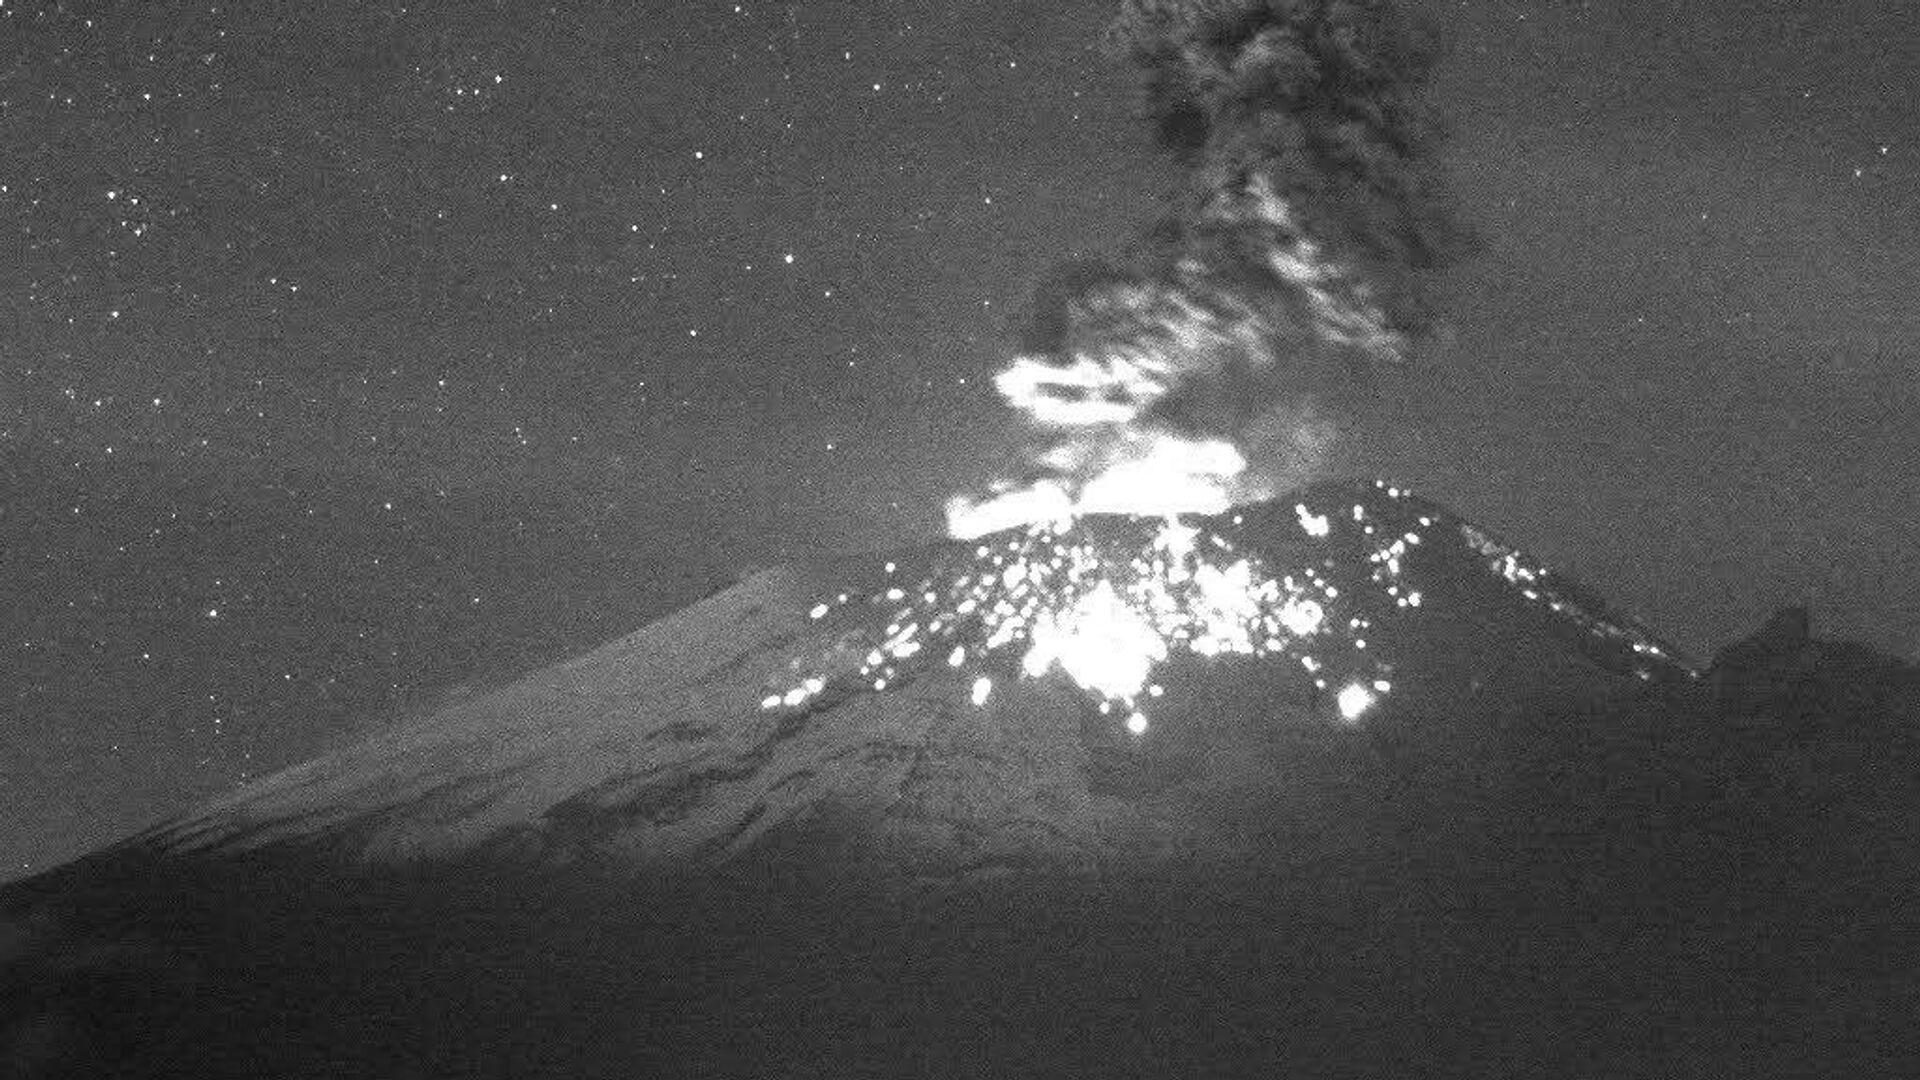 Volcán Popocatépetl en México - Sputnik Mundo, 1920, 08.10.2021